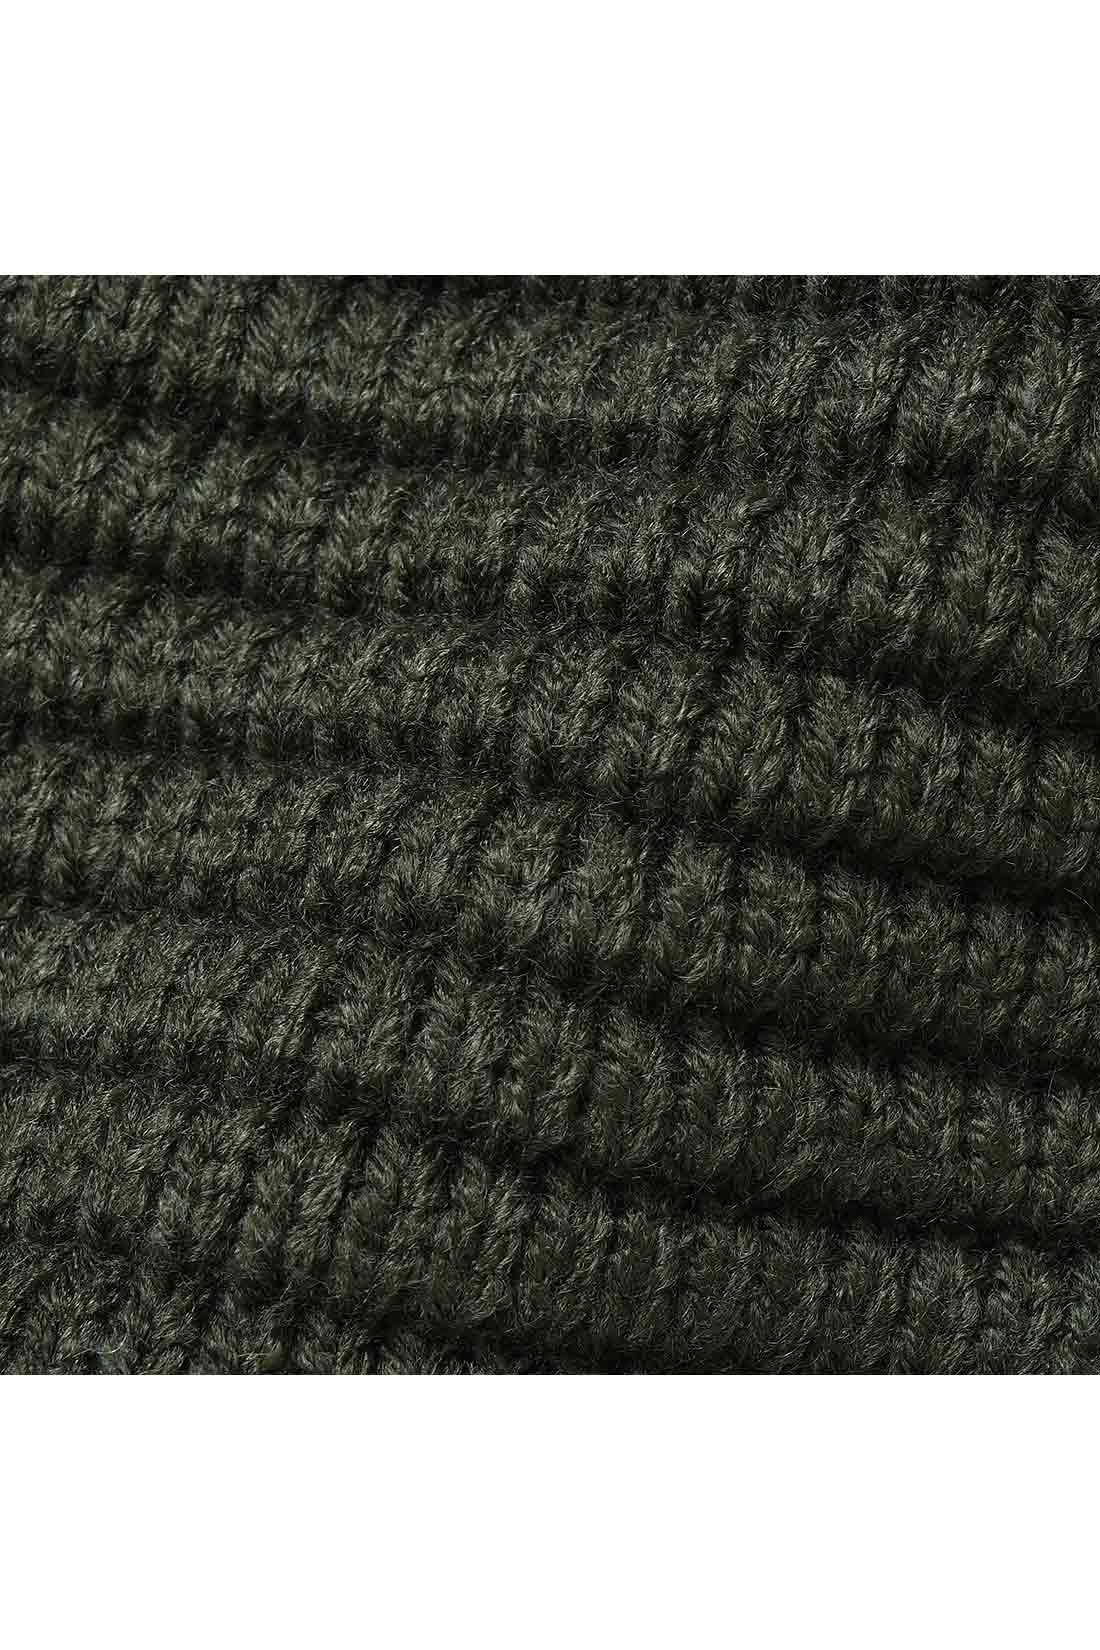 肉厚なバルキーニット素材 軽くて暖かなアクリル素材なので肉厚でも軽快に着こなせます。身ごろ、袖、すそなど異なる編み地の切り替えでメリハリのある表情に。